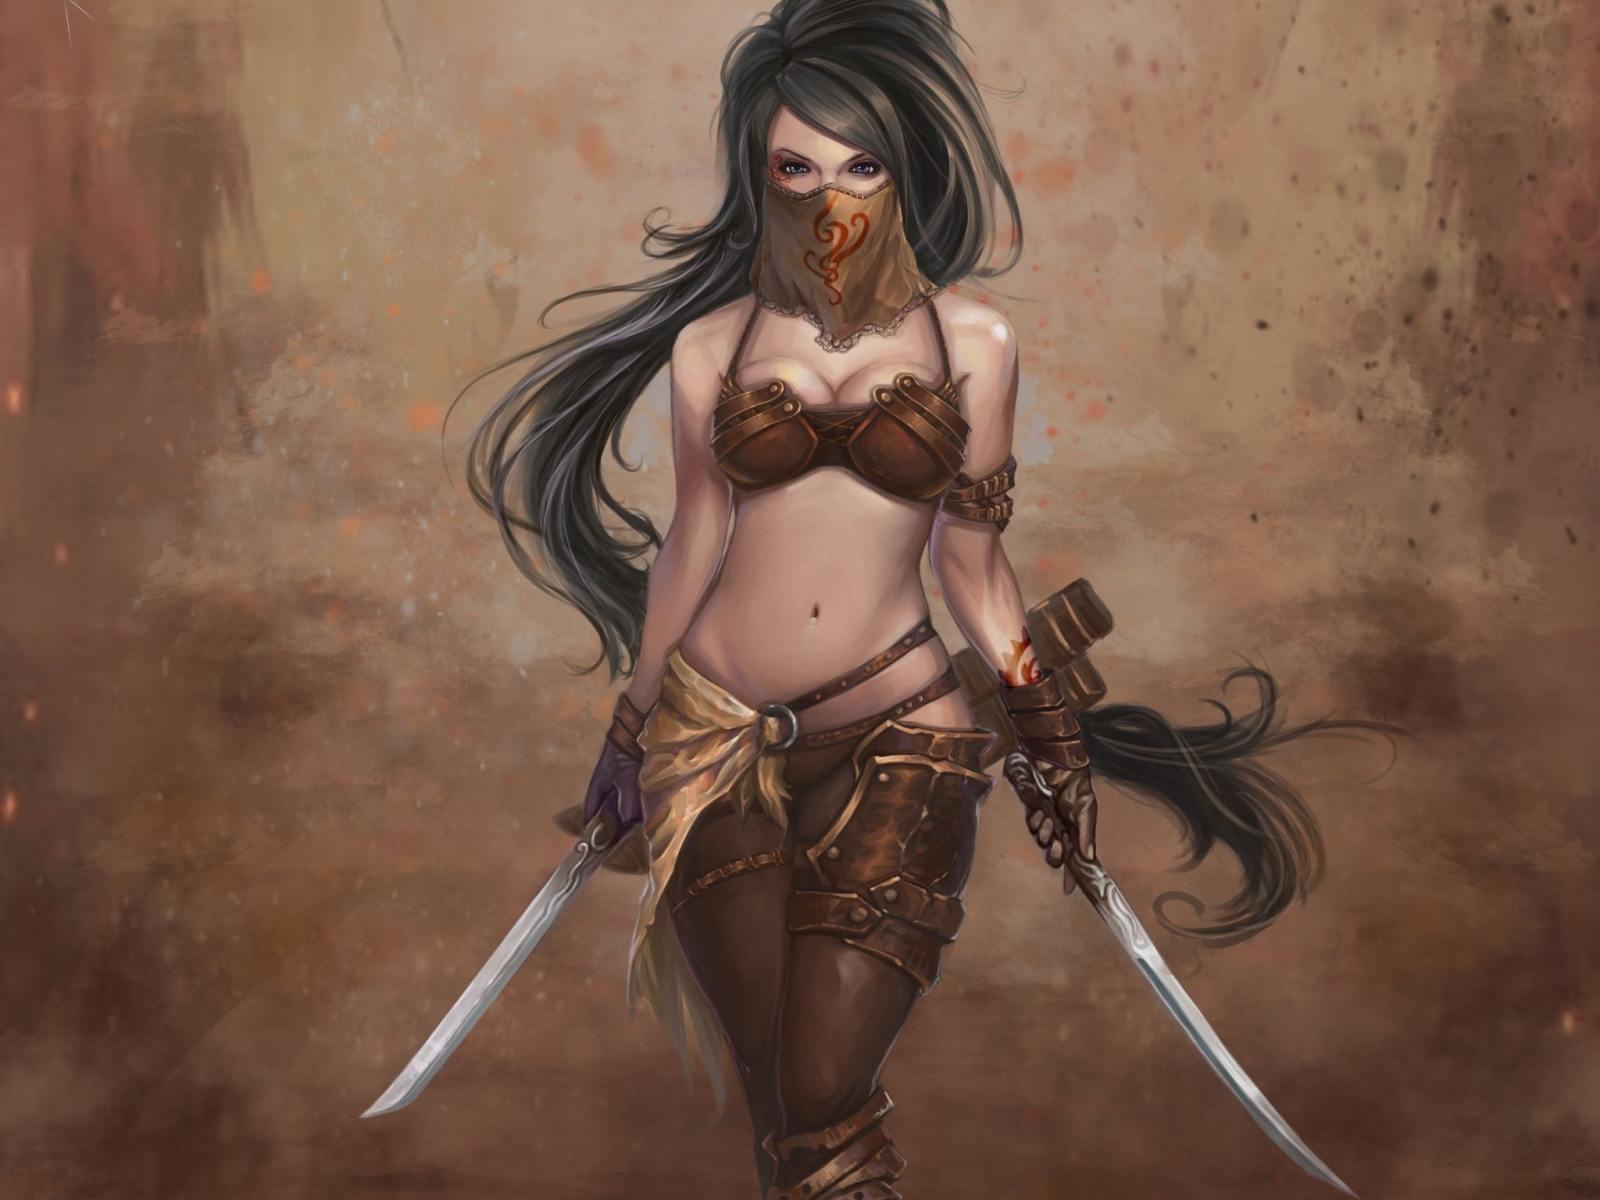 обои Девушка, персонаж, игра, воин картинки фото